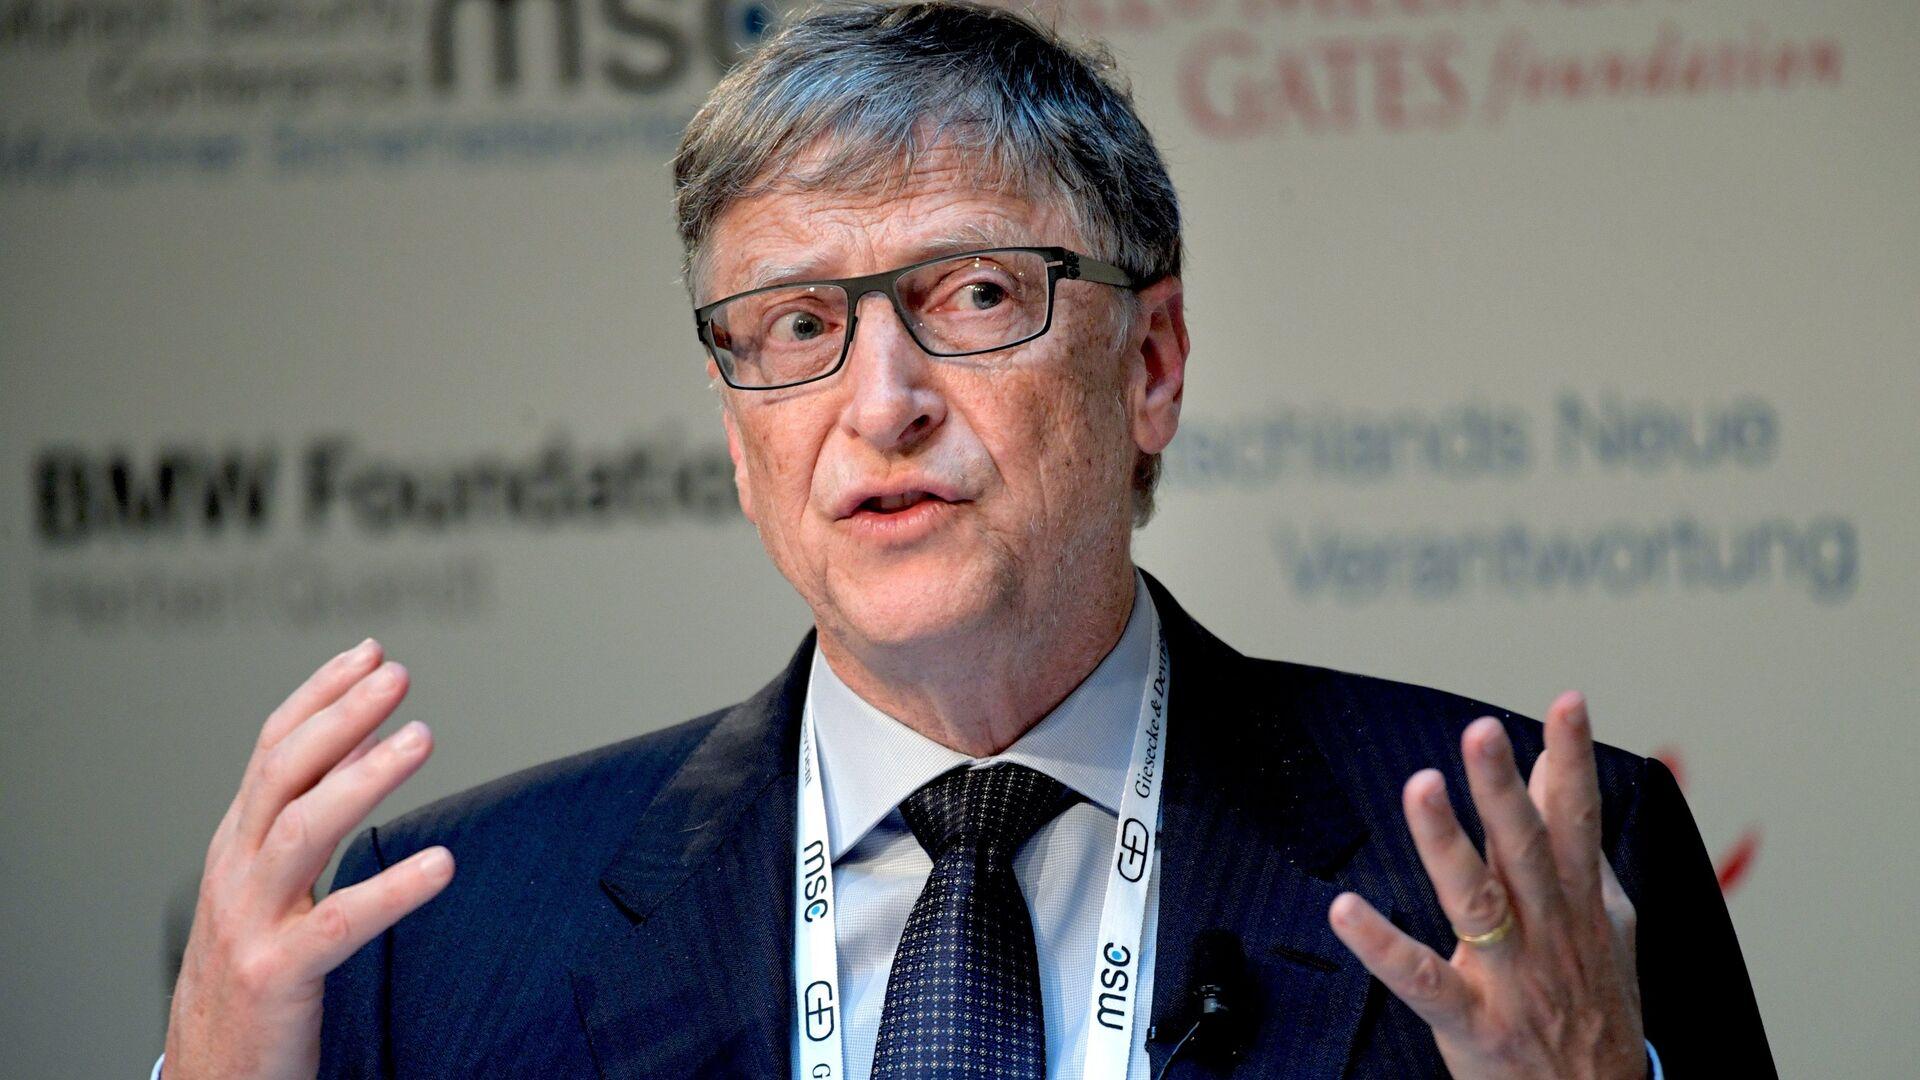 Бывший генеральный директор Microsoft Билл Гейтс на 53-й Мюнхенской конференции по безопасности - РИА Новости, 1920, 12.10.2020